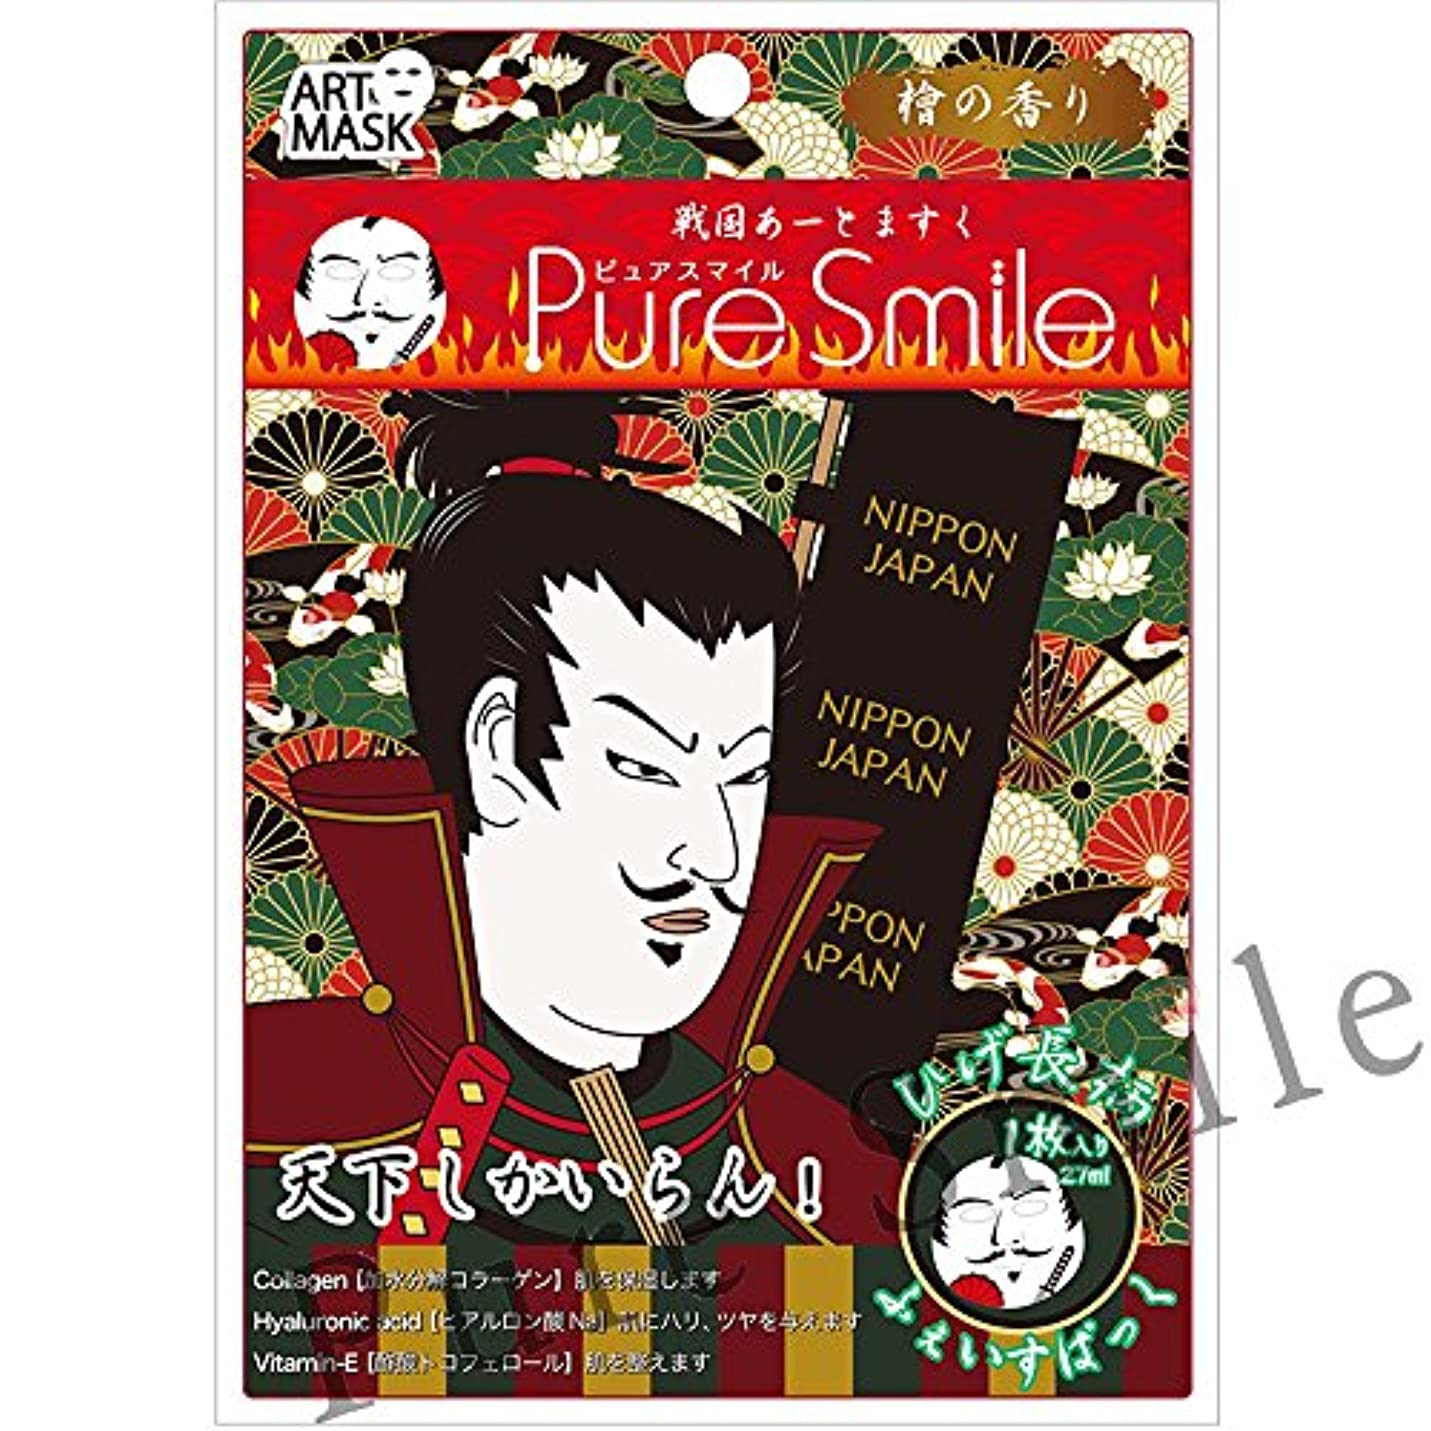 逃げる才能のある払い戻しPure Smile(ピュアスマイル) フェイスマスク/アートマスク『戦国アートマスク』(ひげ長/檜の香り)